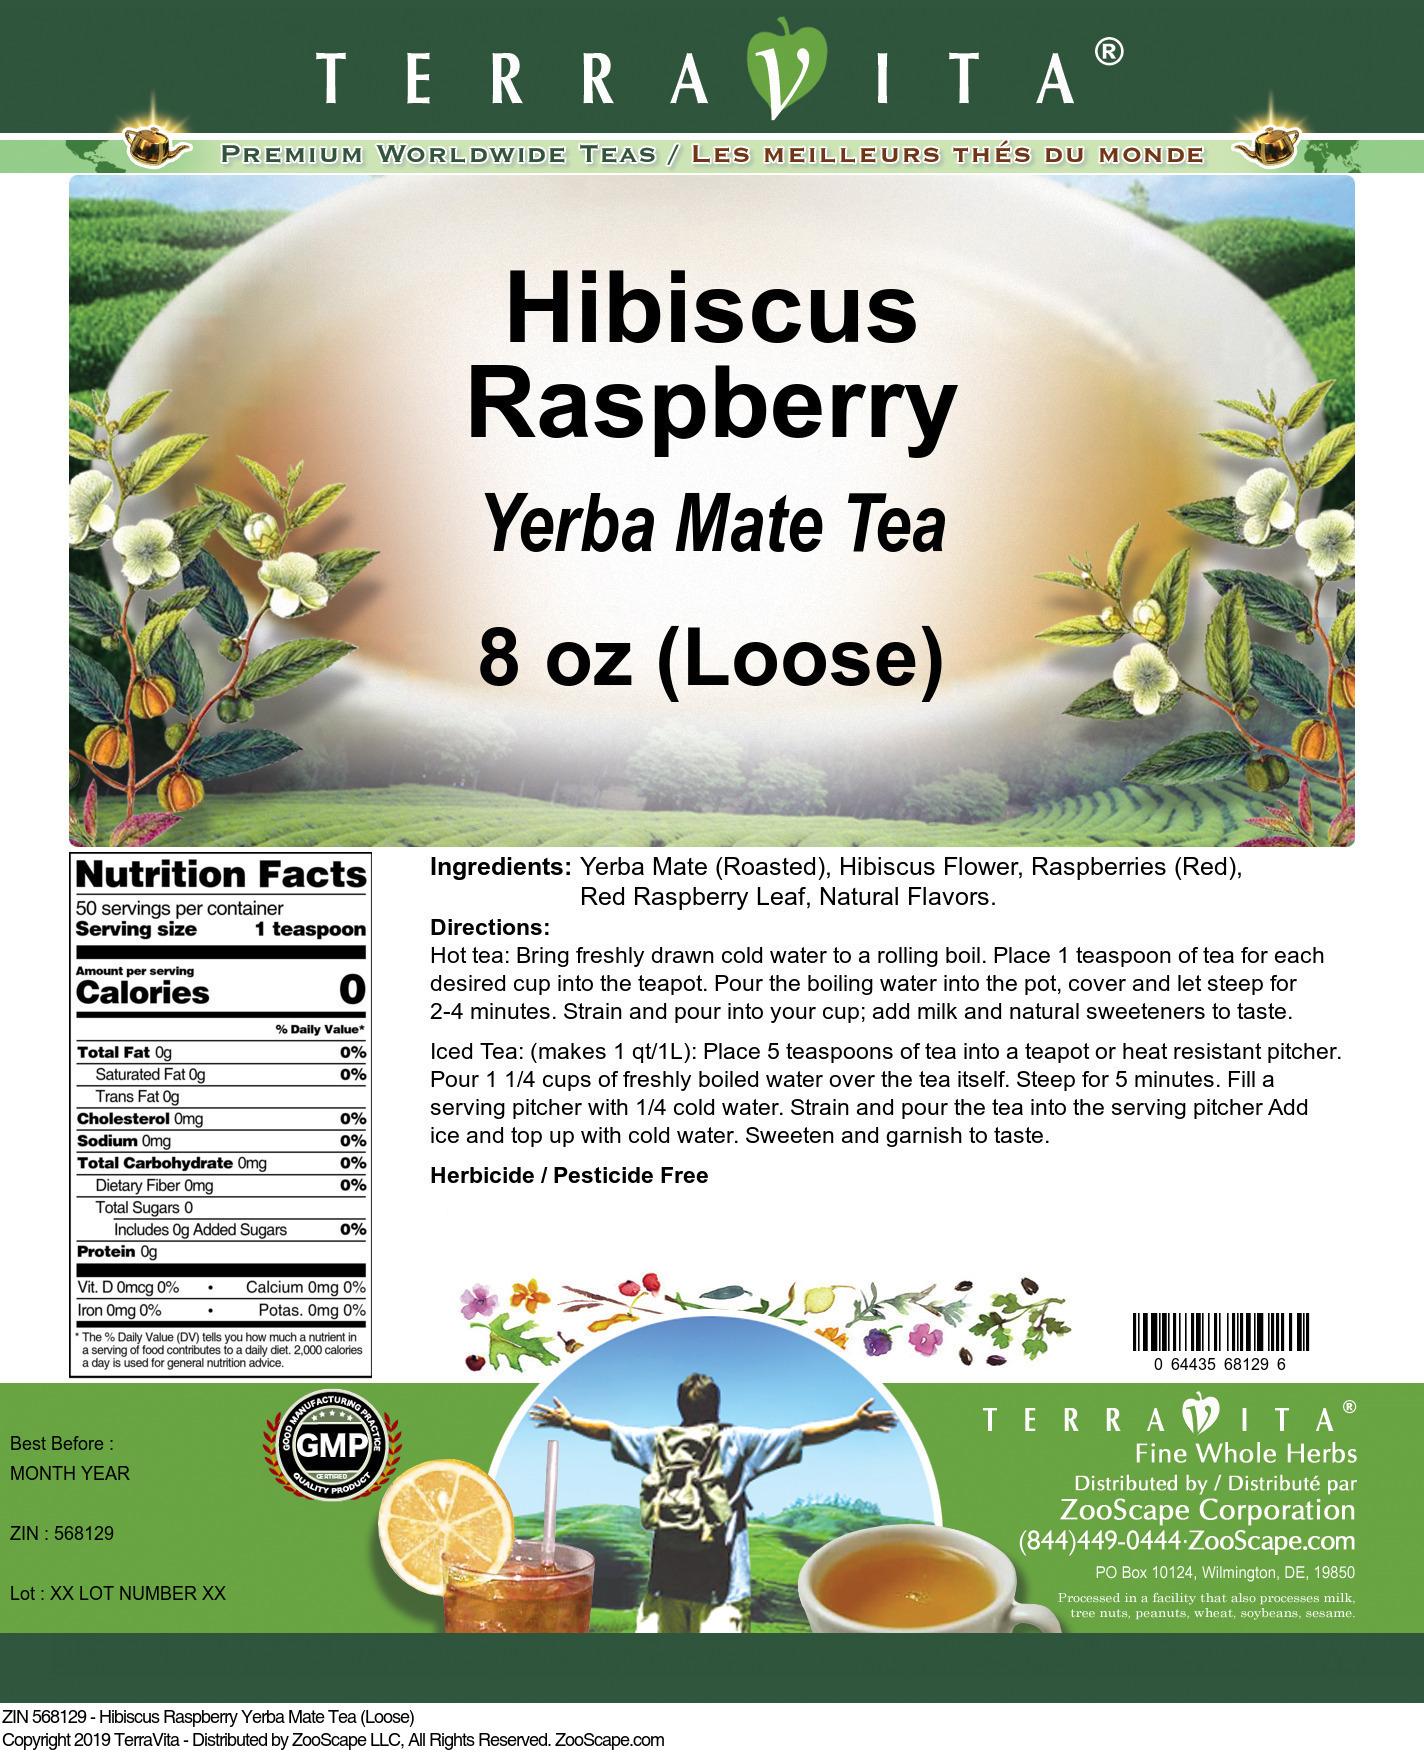 Hibiscus Raspberry Yerba Mate Tea (Loose)